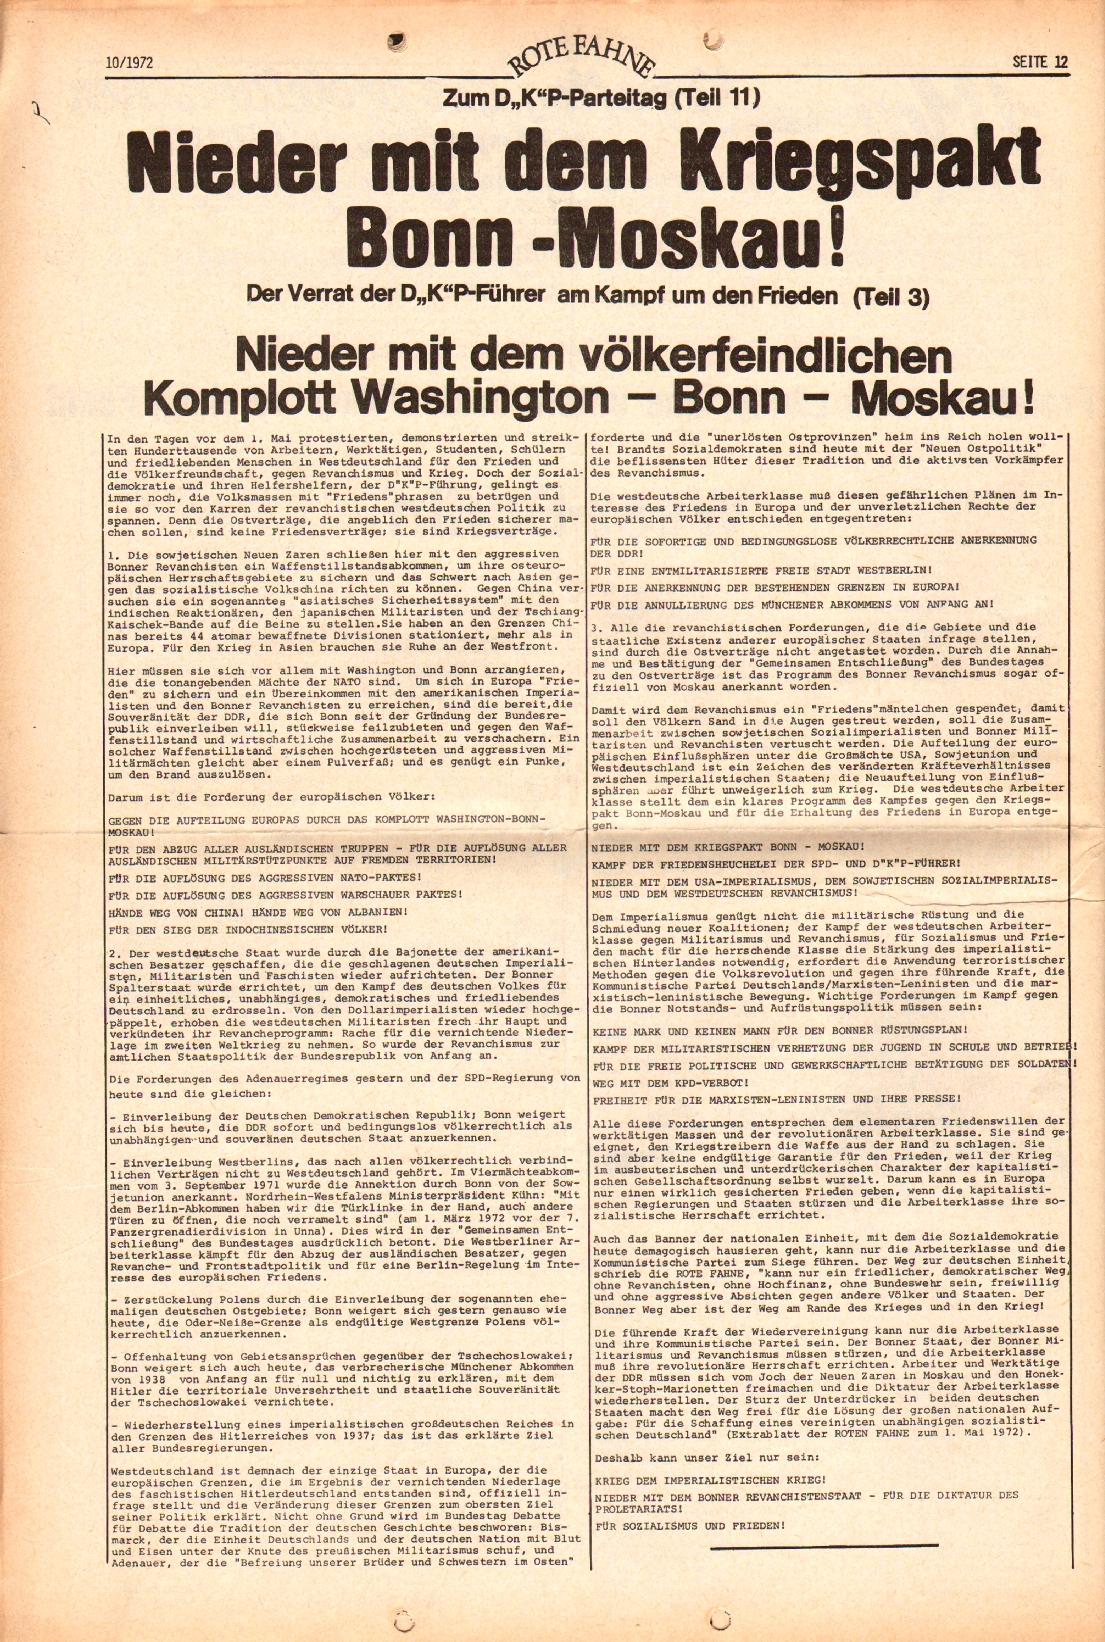 Rote Fahne, 3. Jg., 15.5.1972, Nr. 10, Seite 12